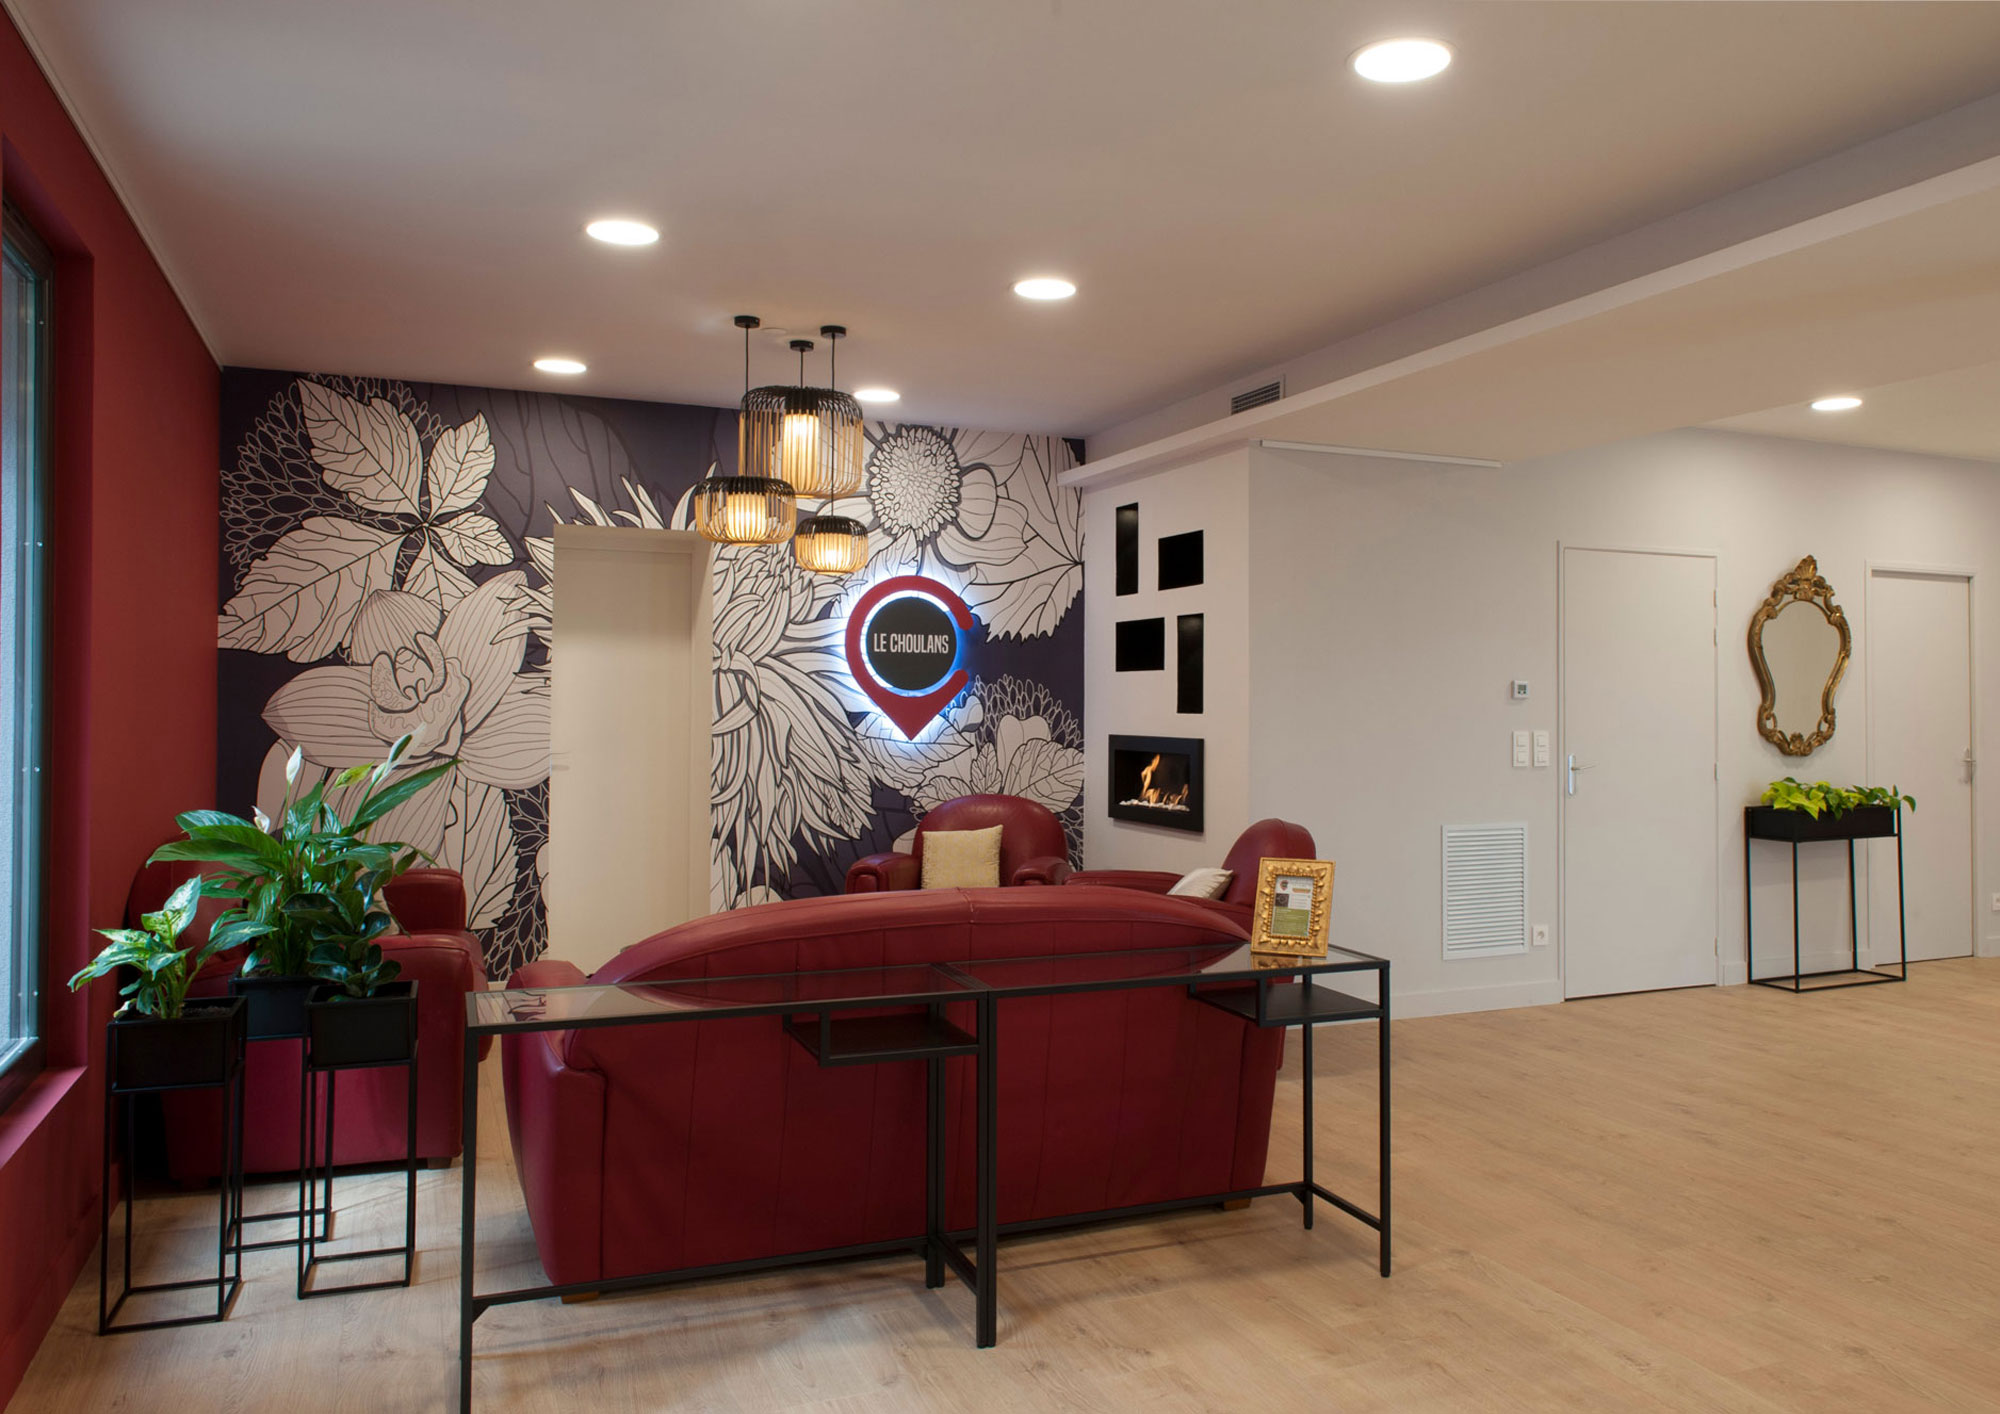 pack-deco-agencement-decoration-interieur-salle-de-reunion-le-choulans-lyon-5-rhone